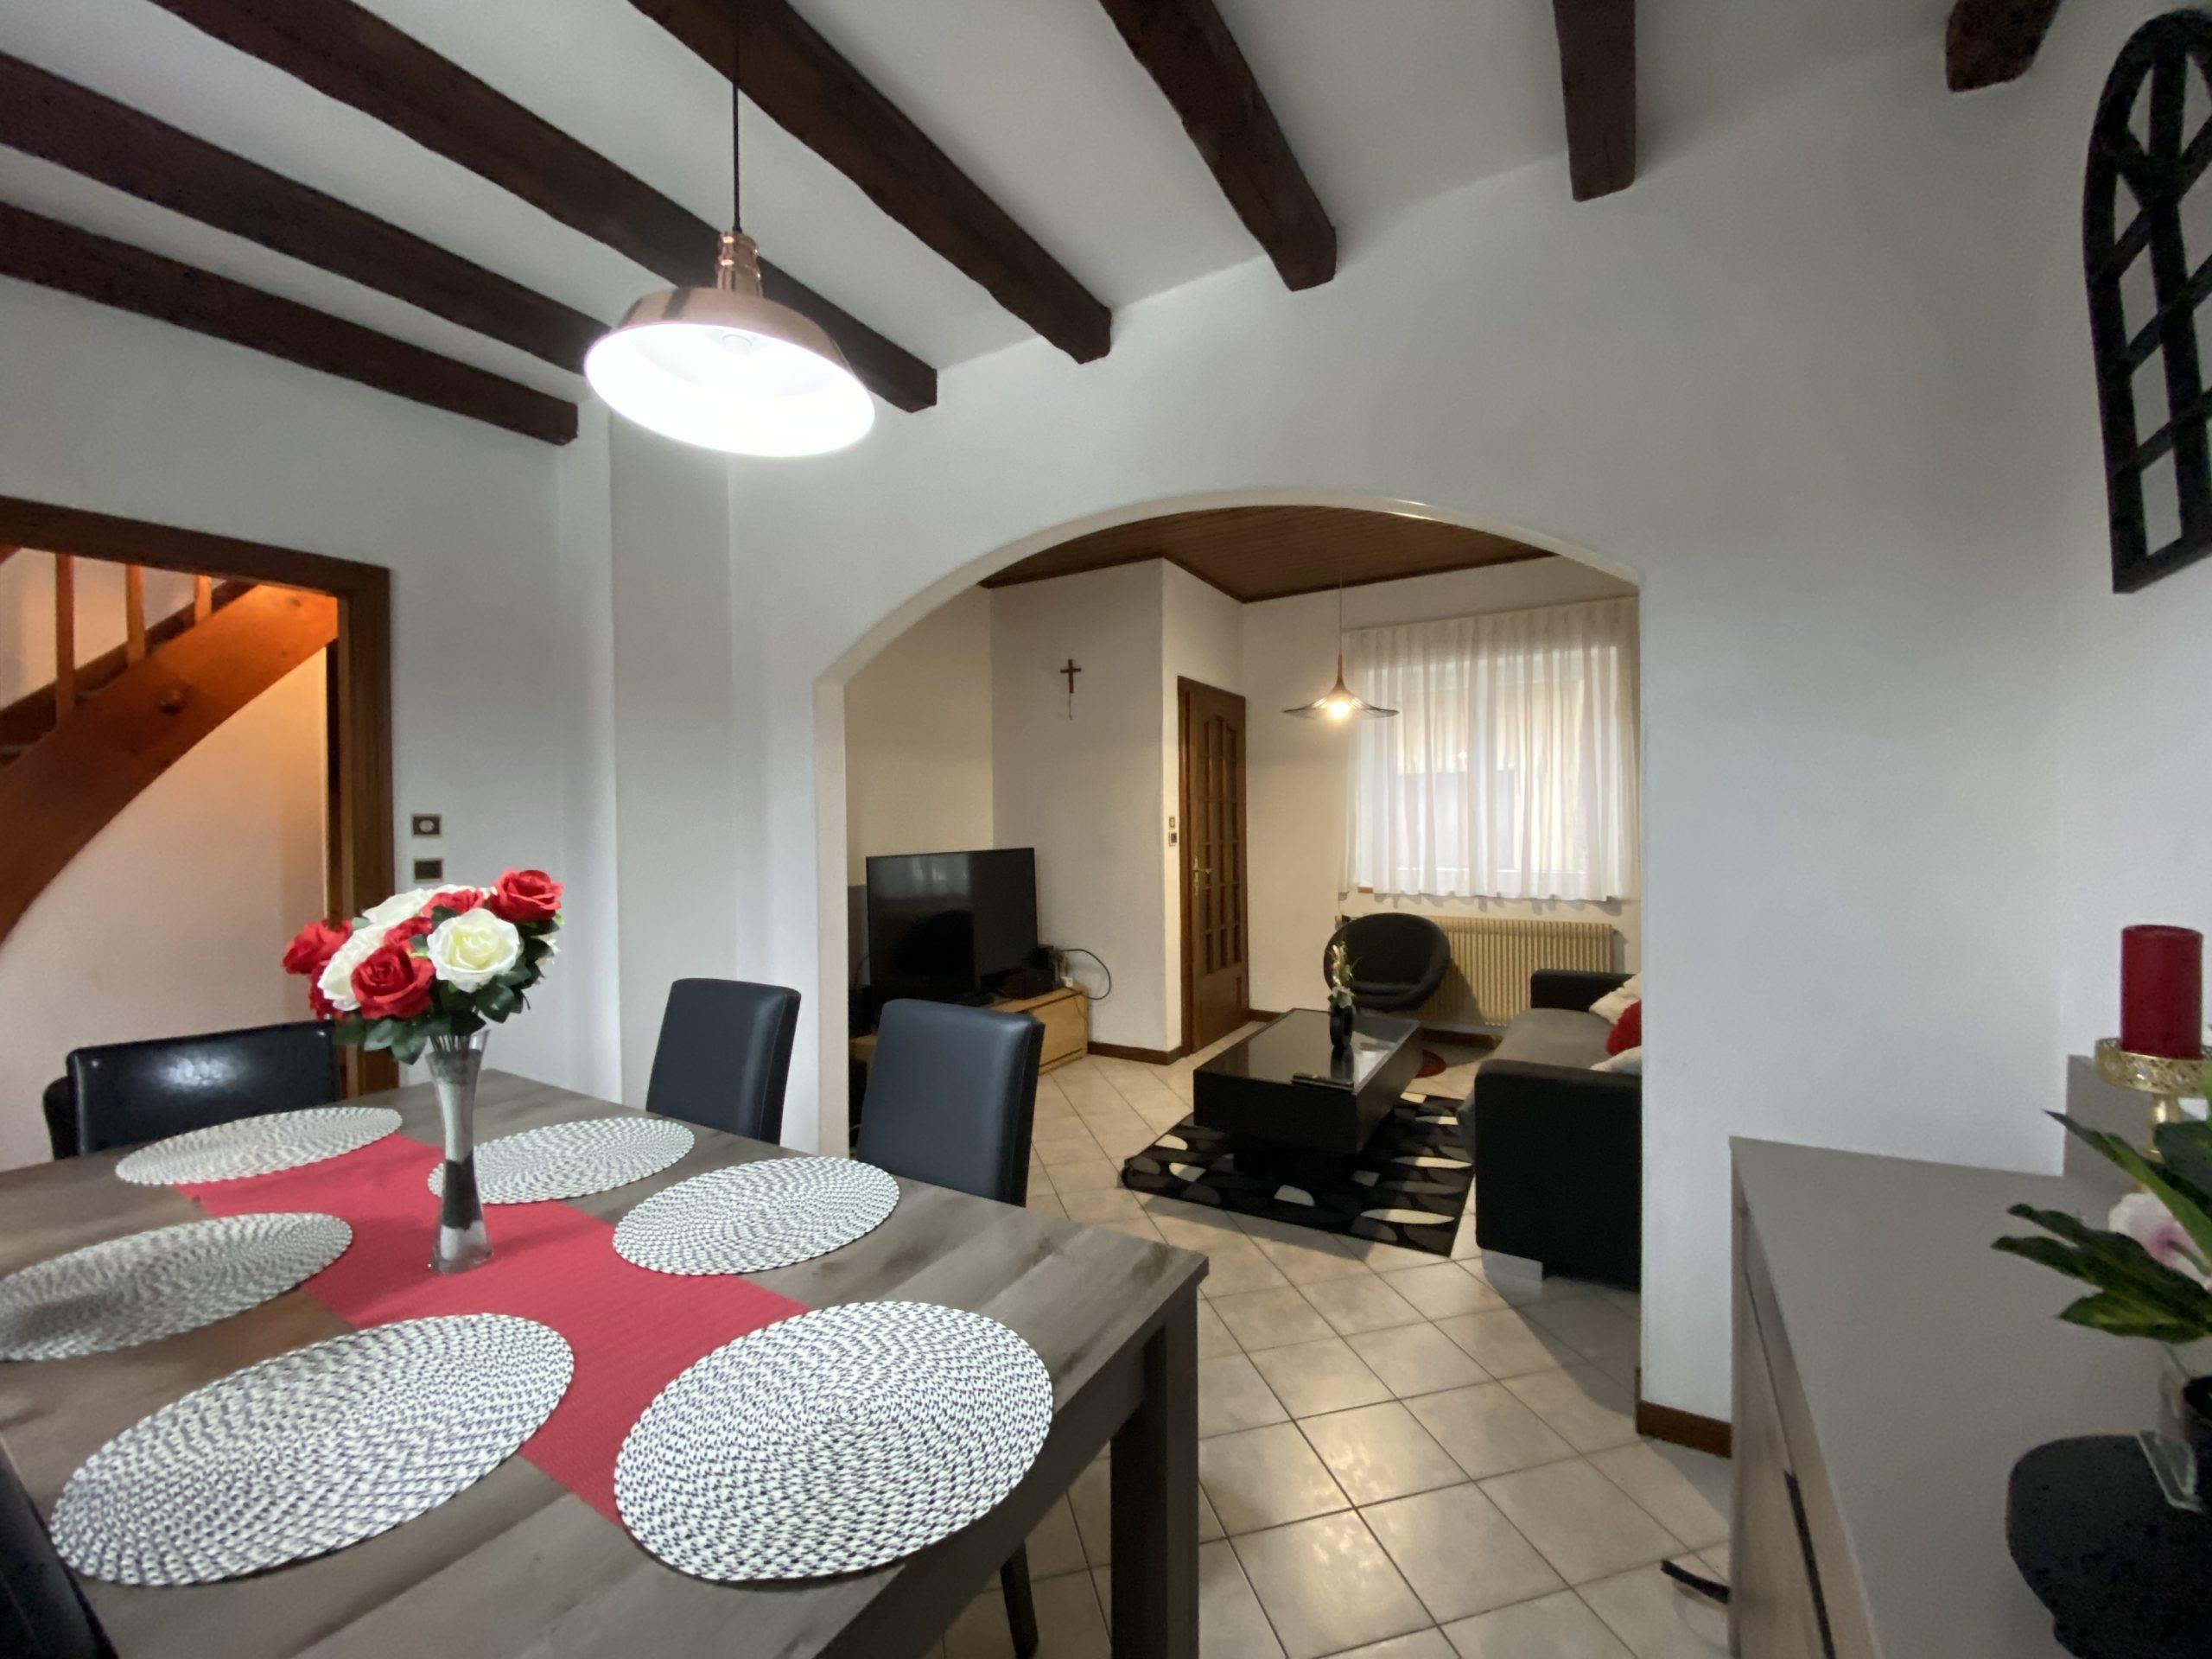 Les maisons en vente Vous êtes à la recherche d'un agent immobilier à proximité d'Ensisheim, Guebwiller, Mulhouse ? Vous êtes à la recherche d'une maison à vendre à Colmar, Ensisheim, de Wittenheim, de Rixheim ou ailleurs dans le 68 (Haut-Rhin)